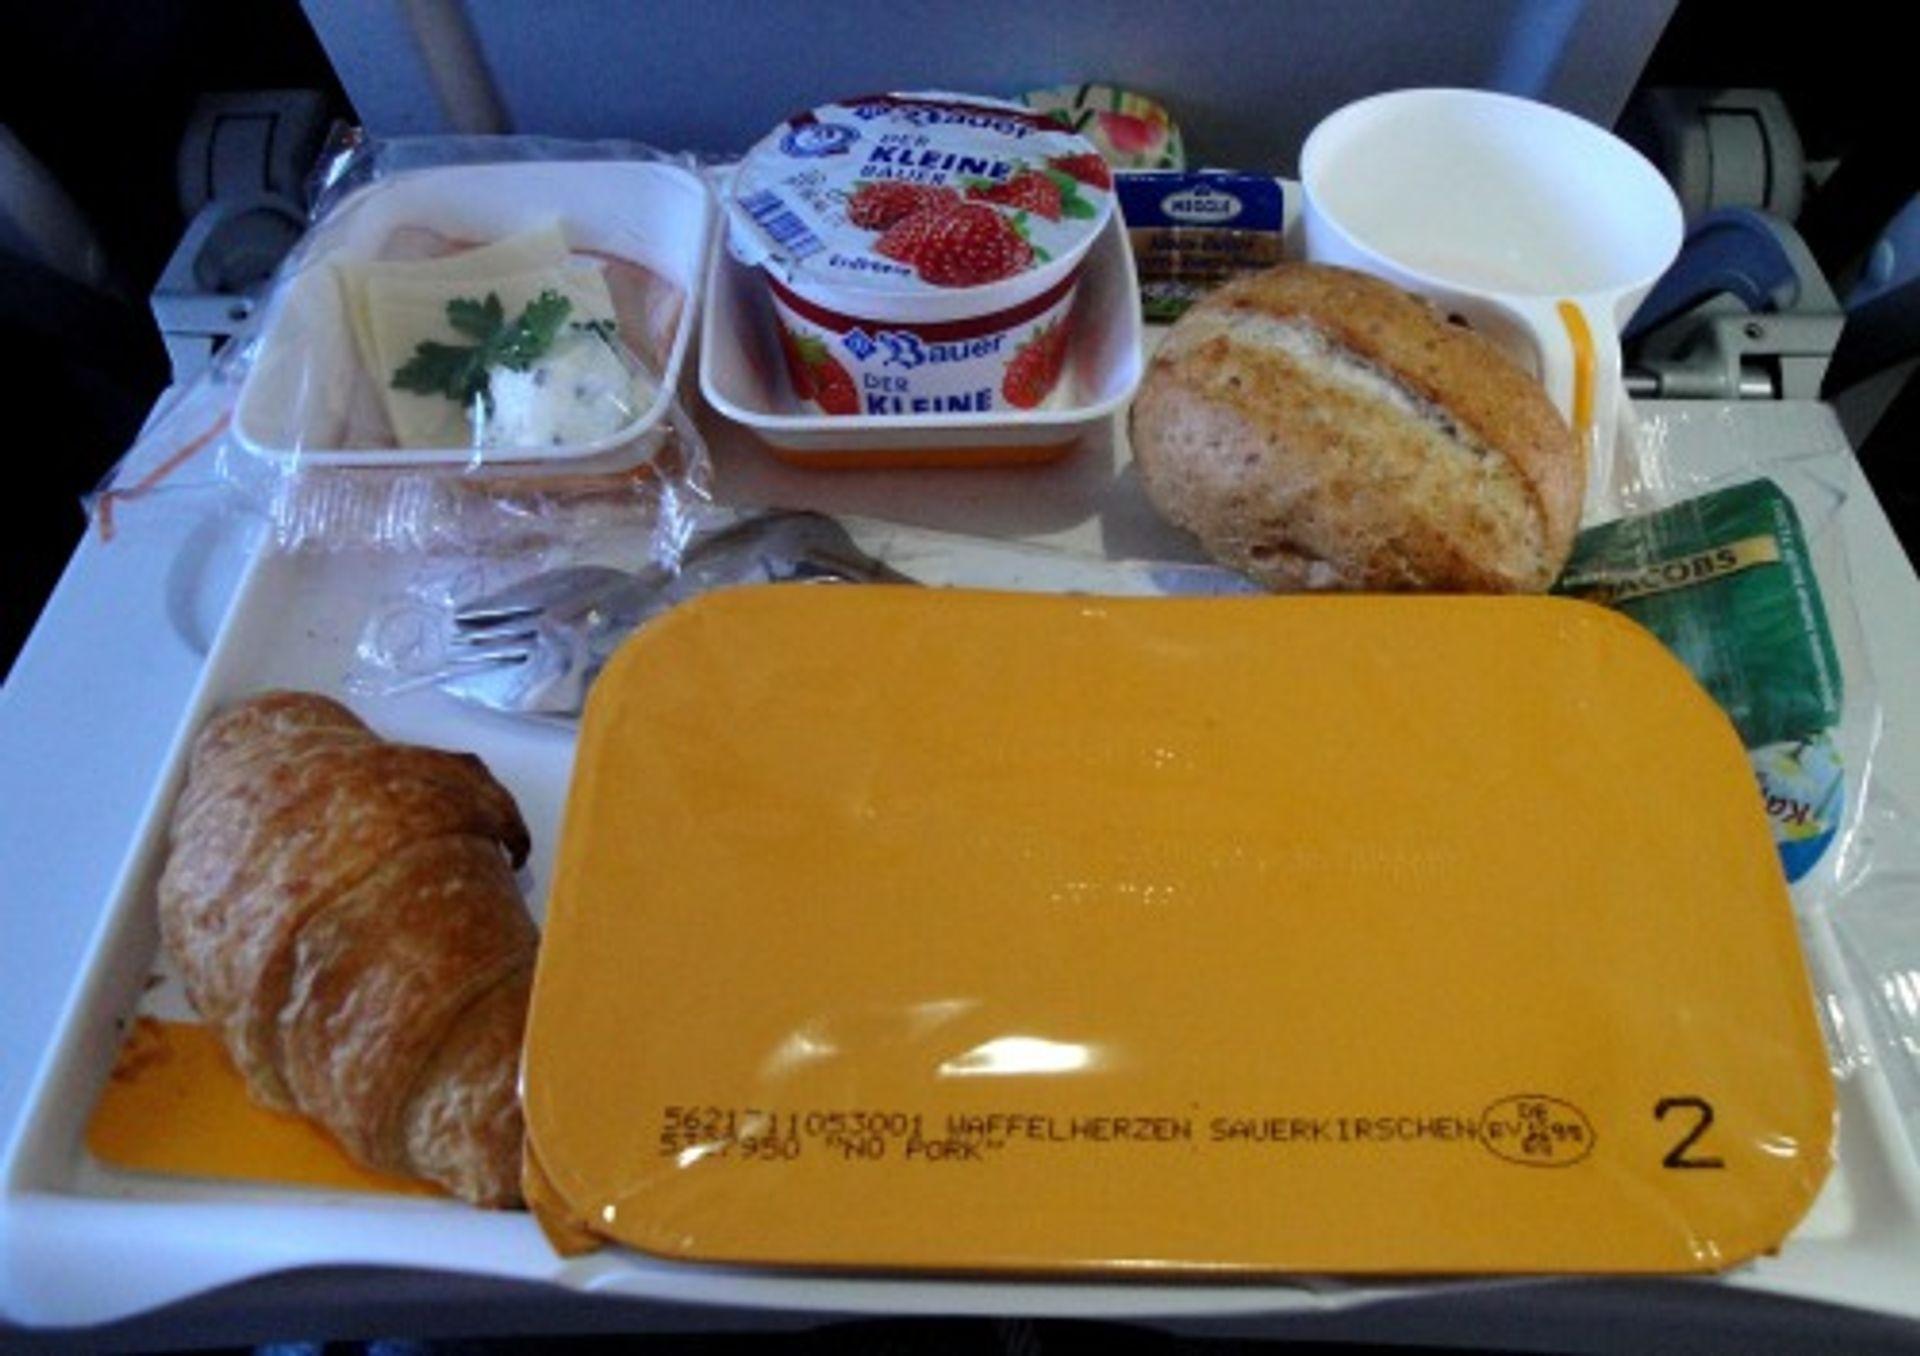 Eet je ranzige vliegtuigmaaltijd op!!!